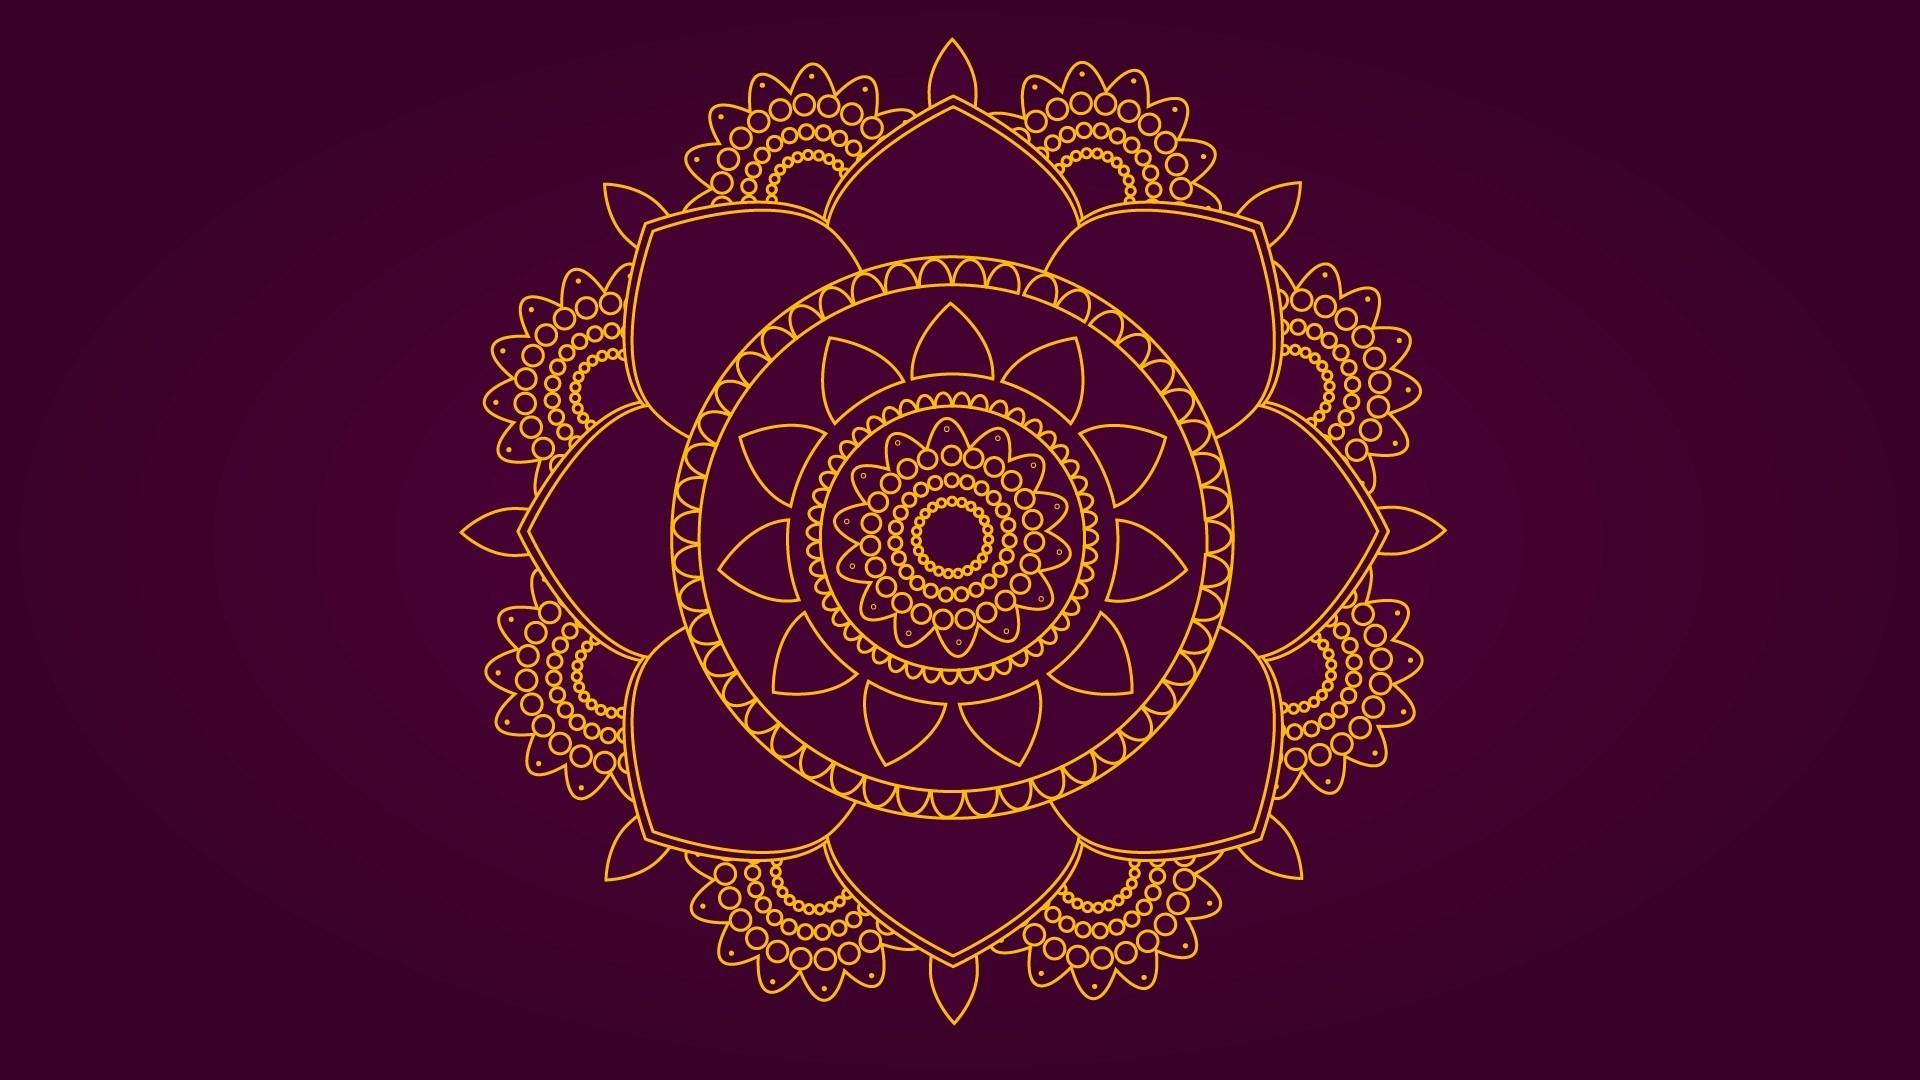 Cool Mandala Para Colorear Cool Mandalas Para Colorear De: Mandalas Wallpapers (64+ Images